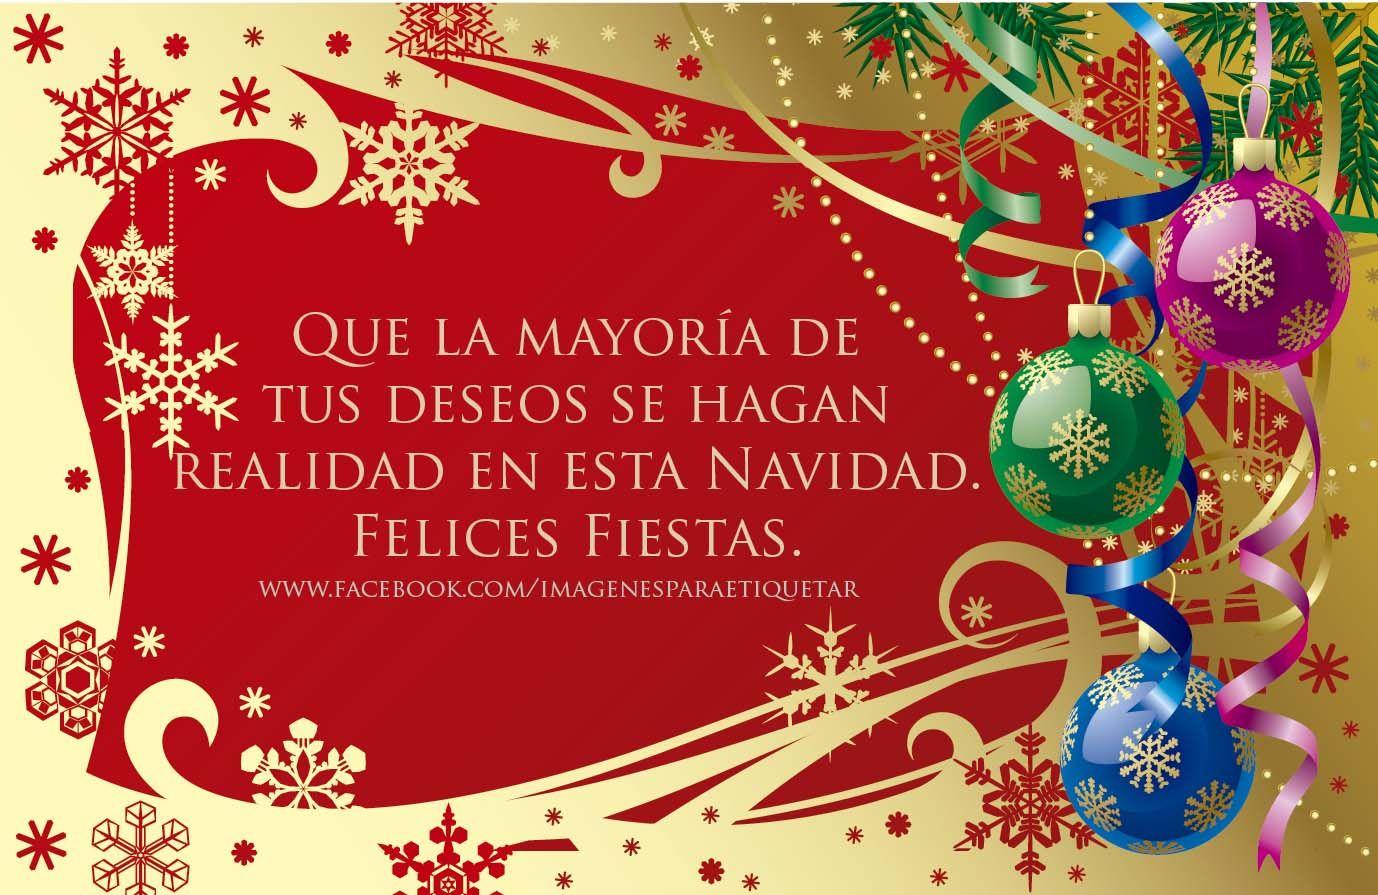 Pensamientos positivos de navidad mensajes de navidad - Mensajes navidenos para empresas ...